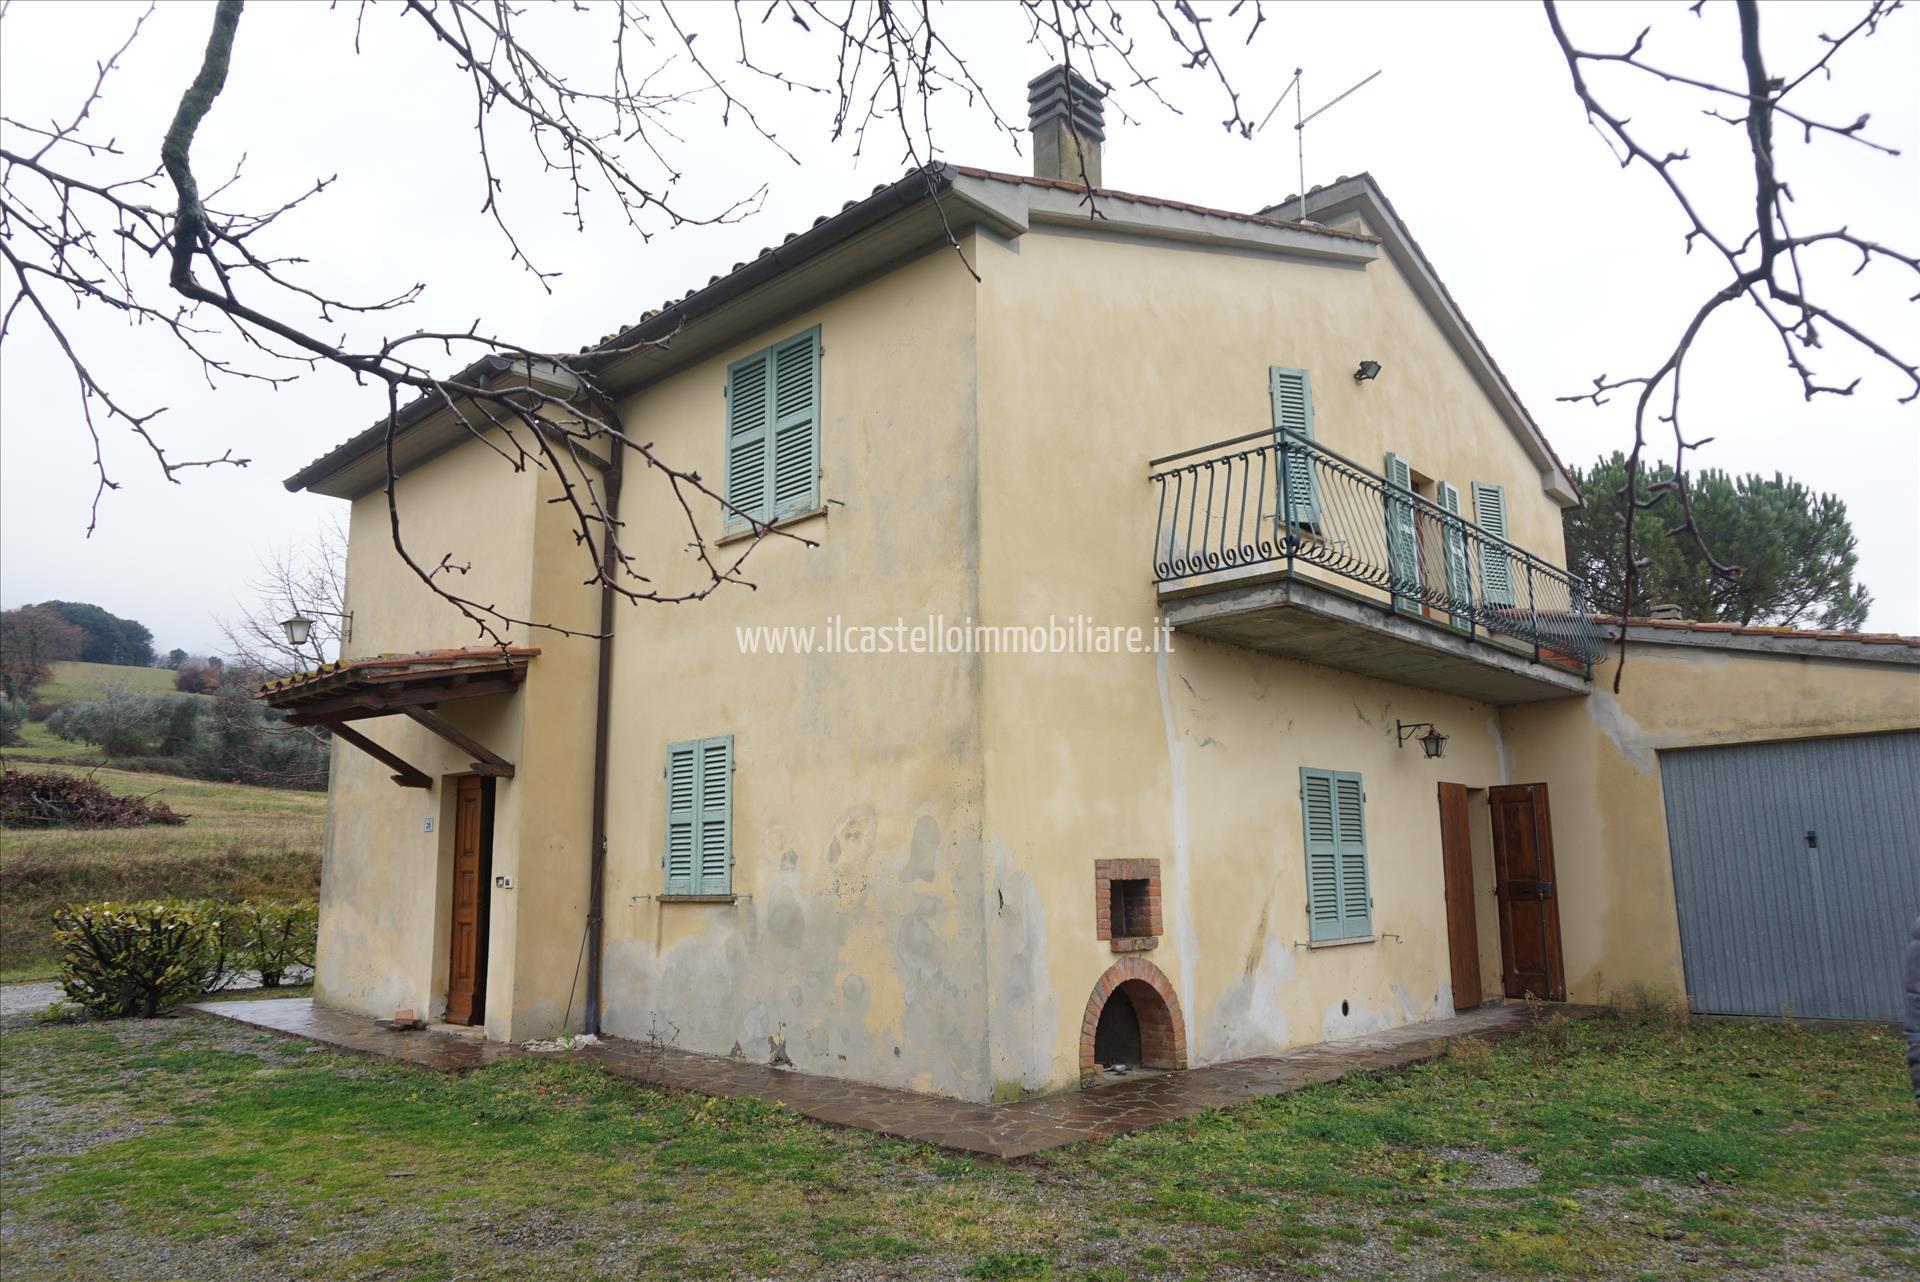 Villa con giardino a Cetona